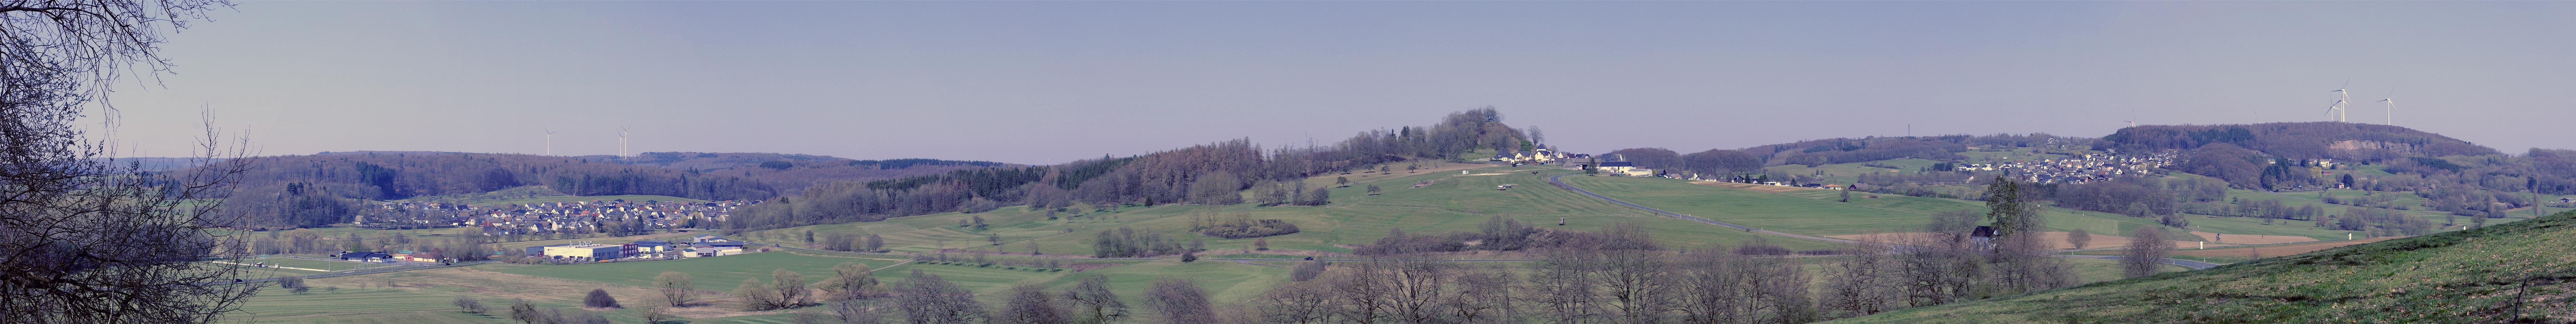 Guckheim Weltersburg Girkenroth im Westerwald